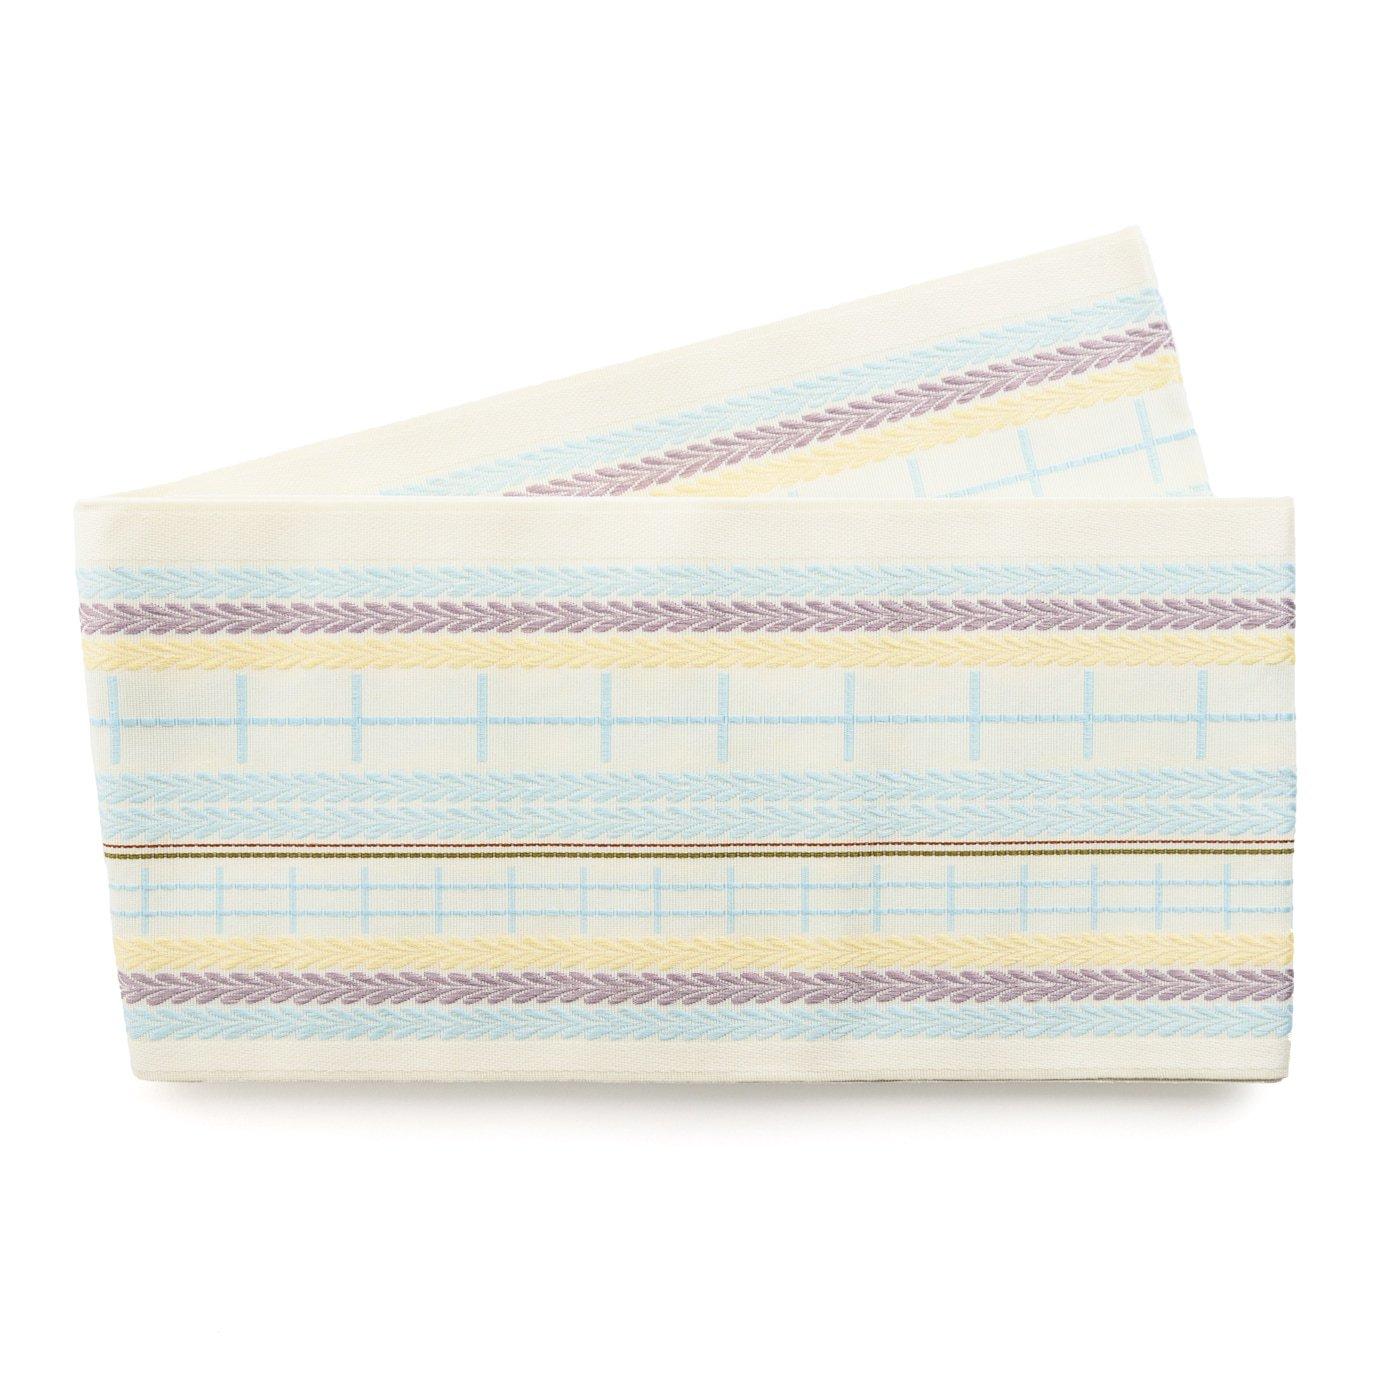 「博多小袋帯 格子の藤」の商品画像